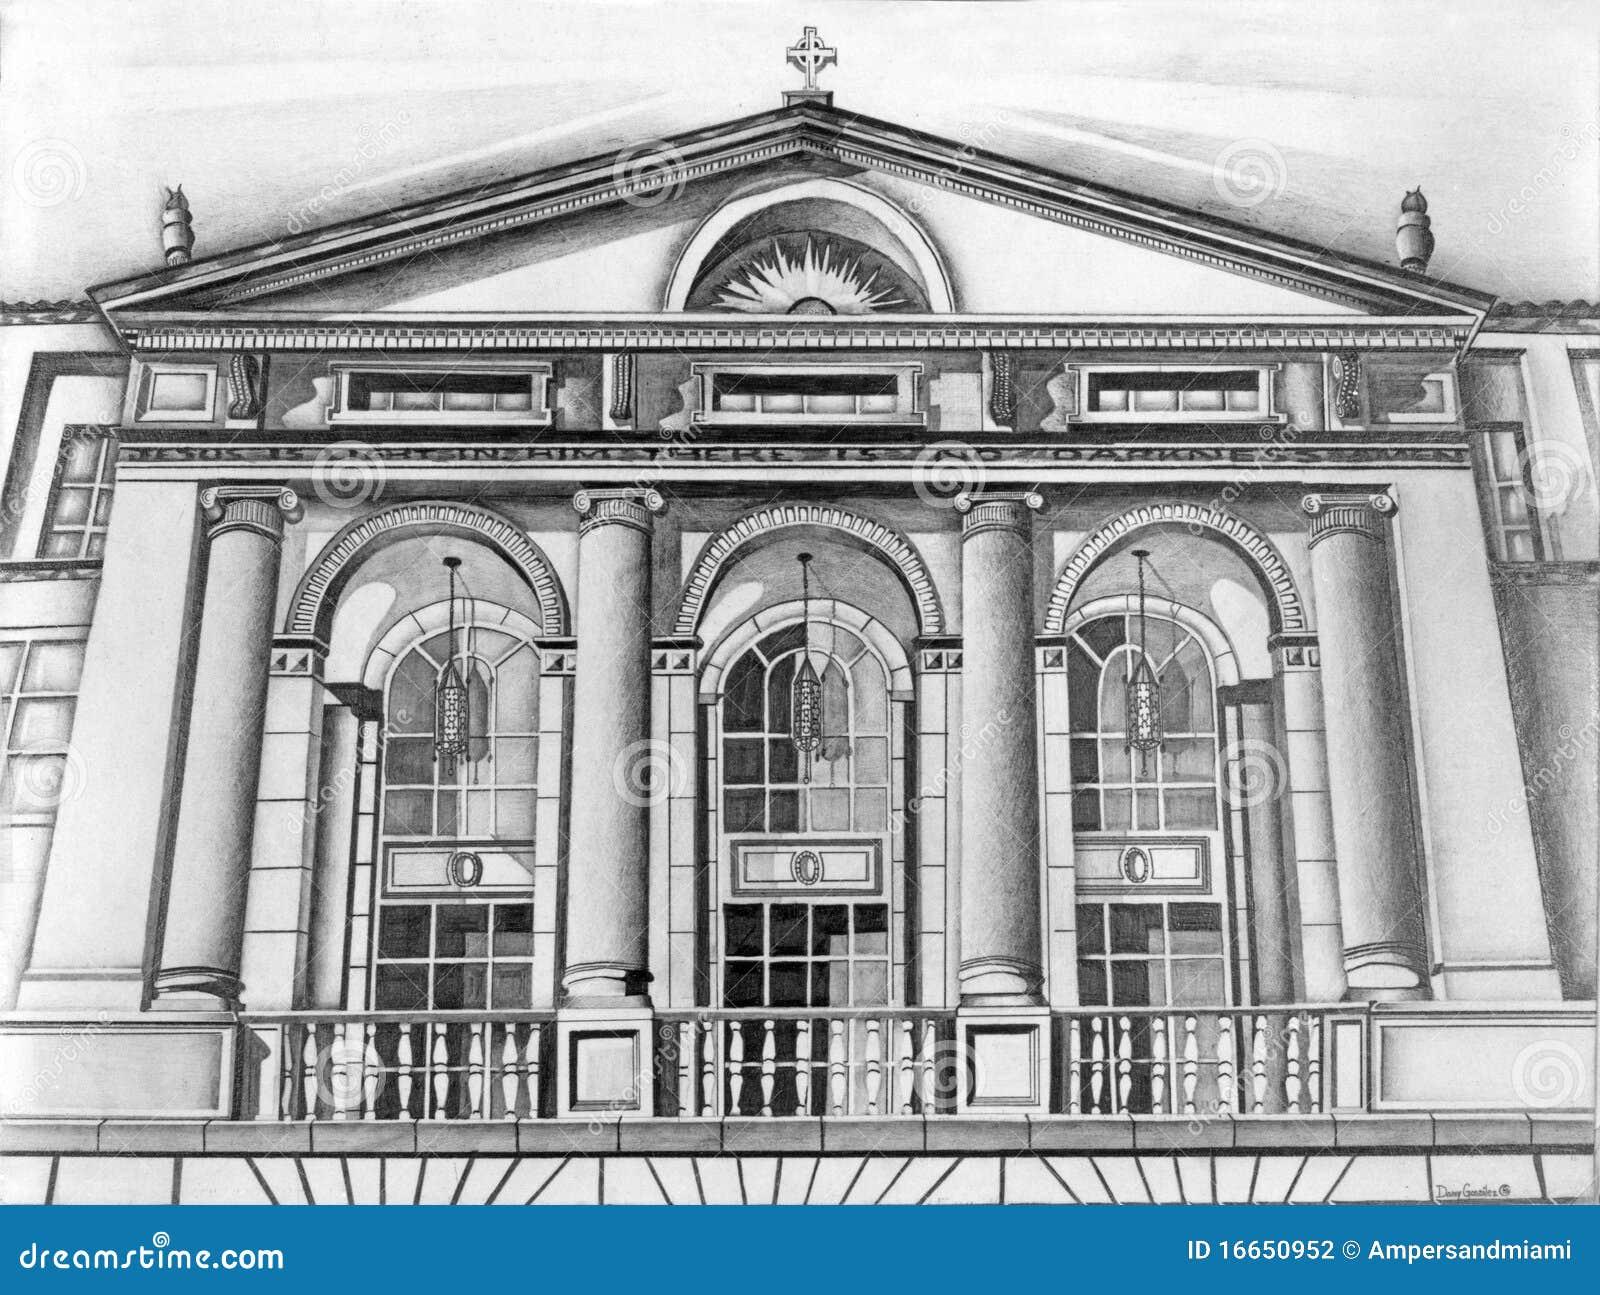 Building facade pencil sketch stock illustration - Architektur zeichnen ...